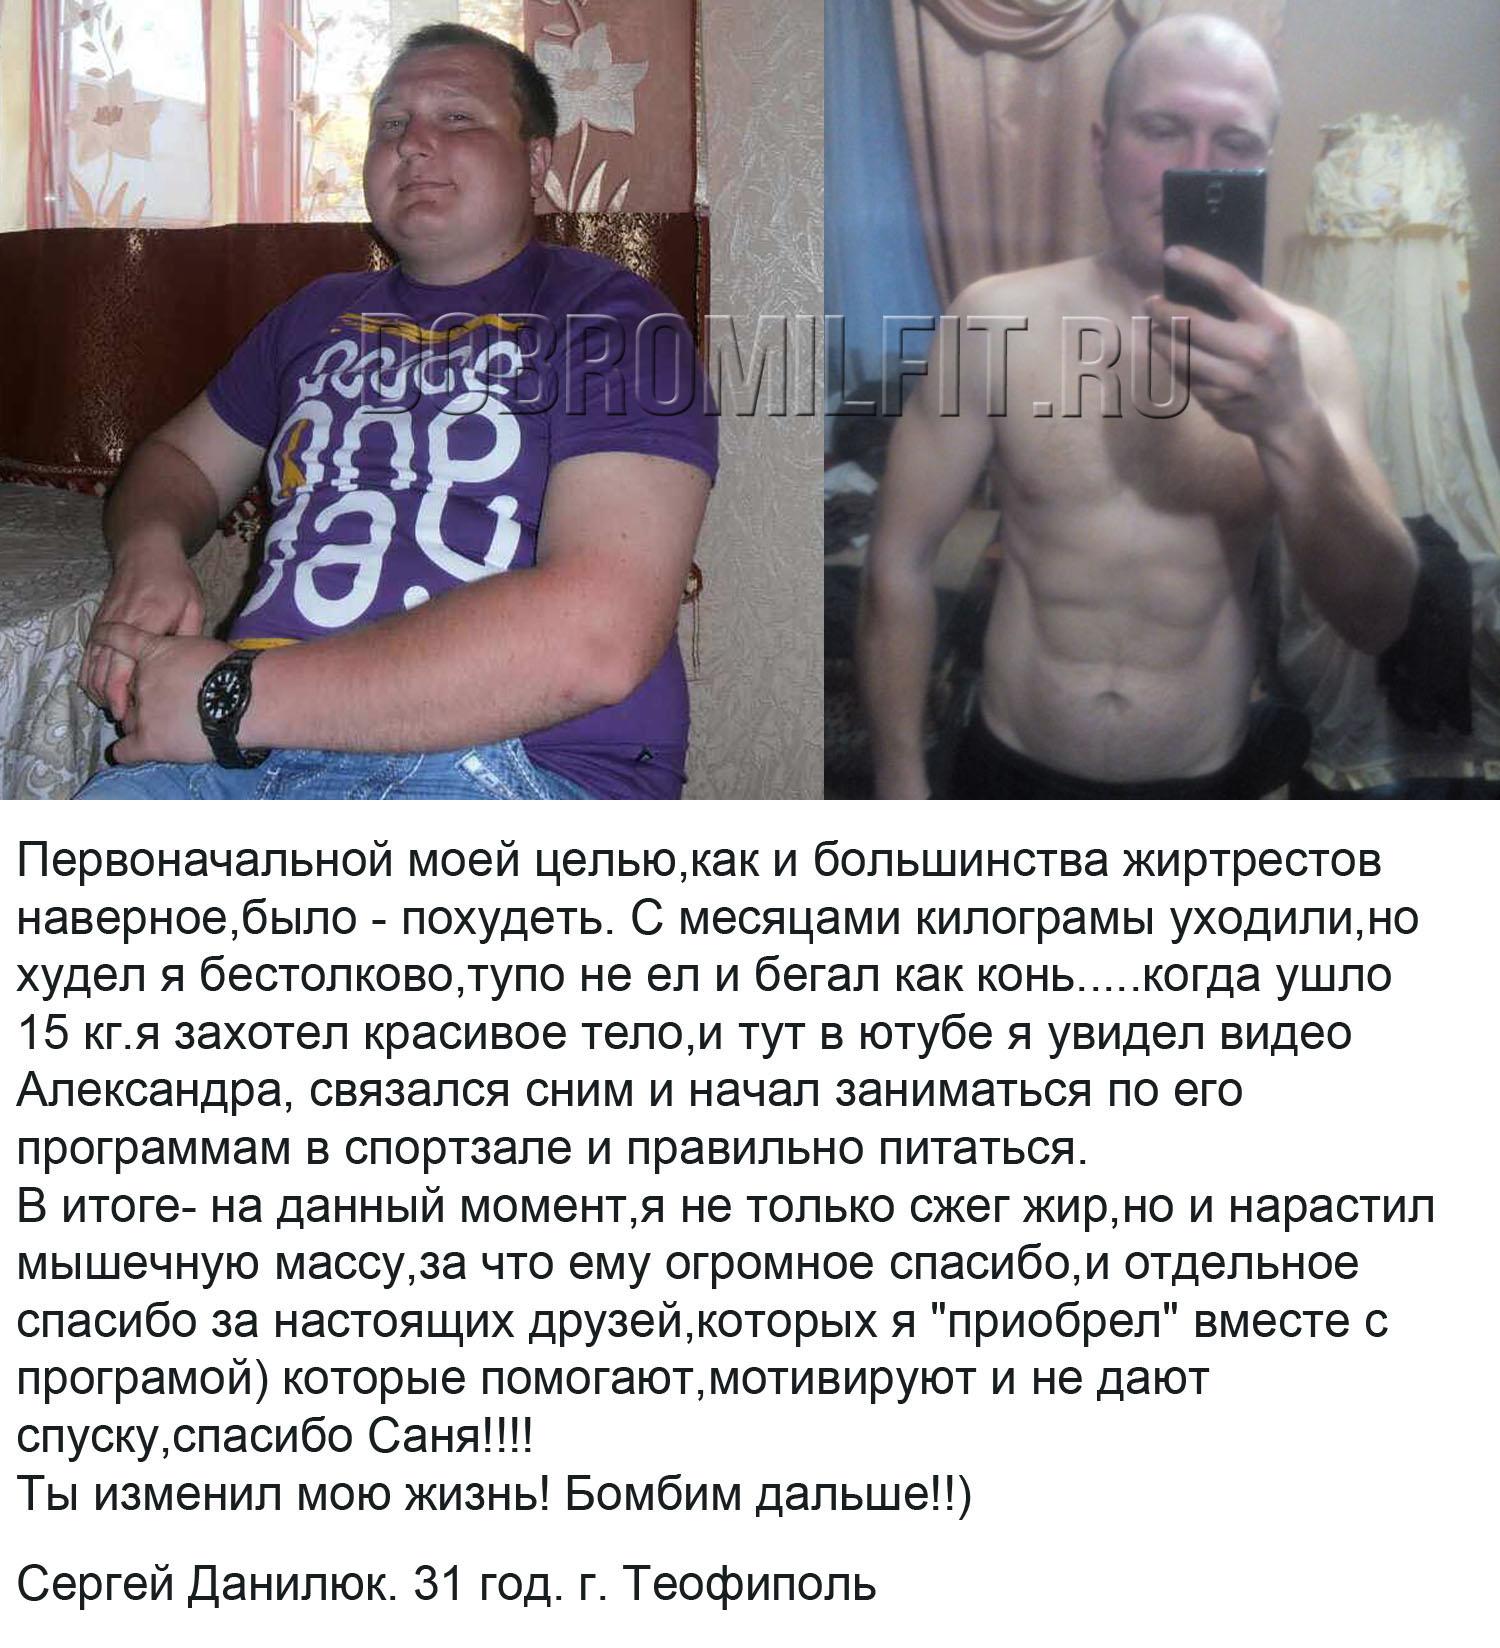 Сергей Данилюк2